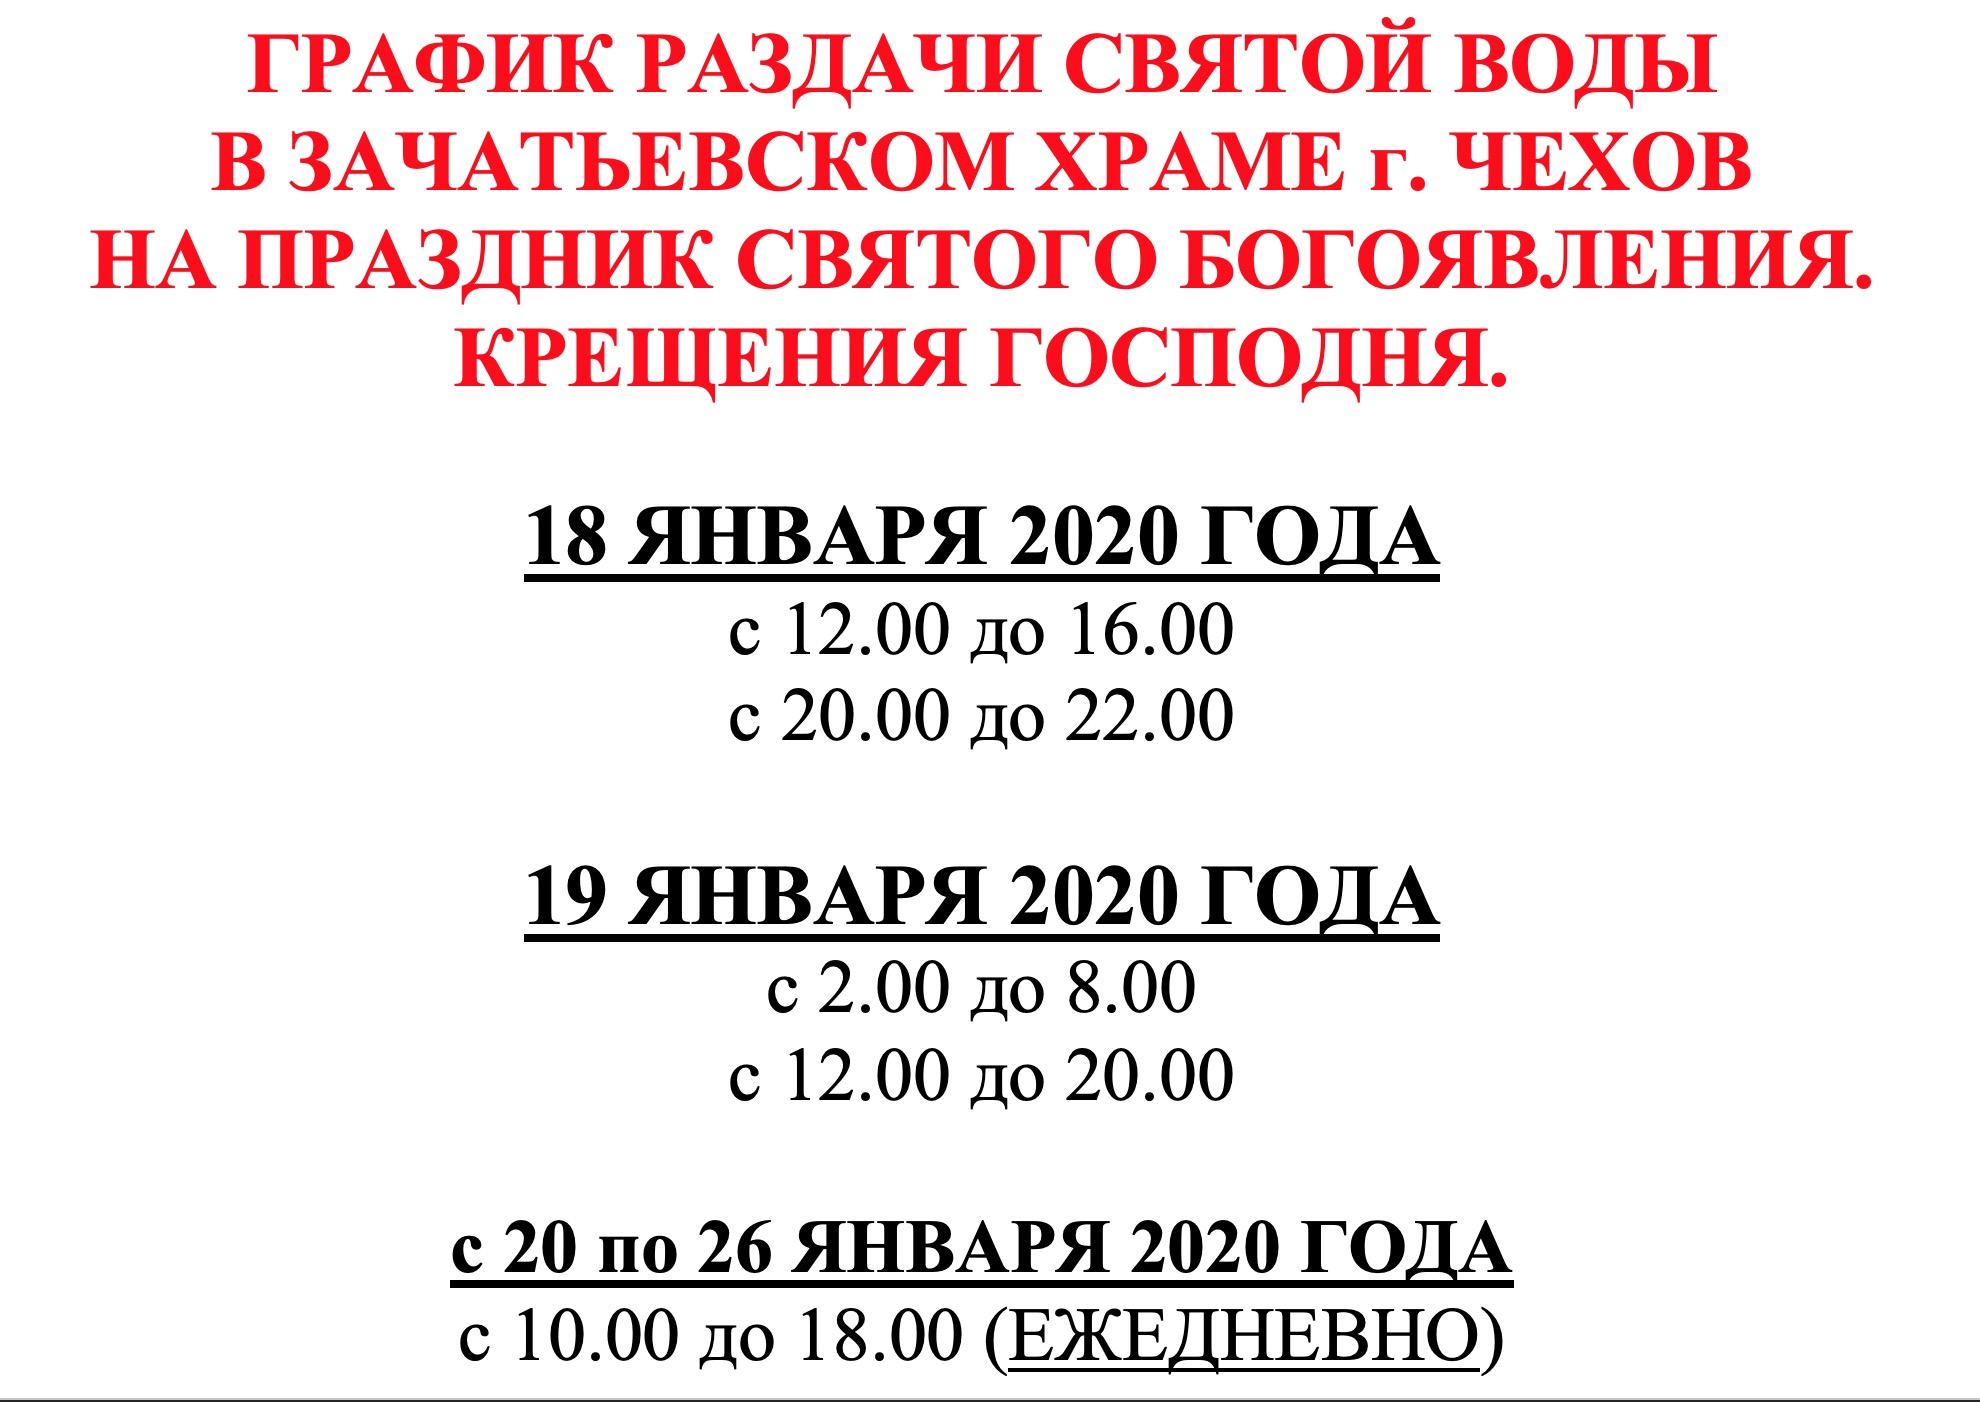 snimok_ekrana_2020-01-15_v_12.17.43.jpg